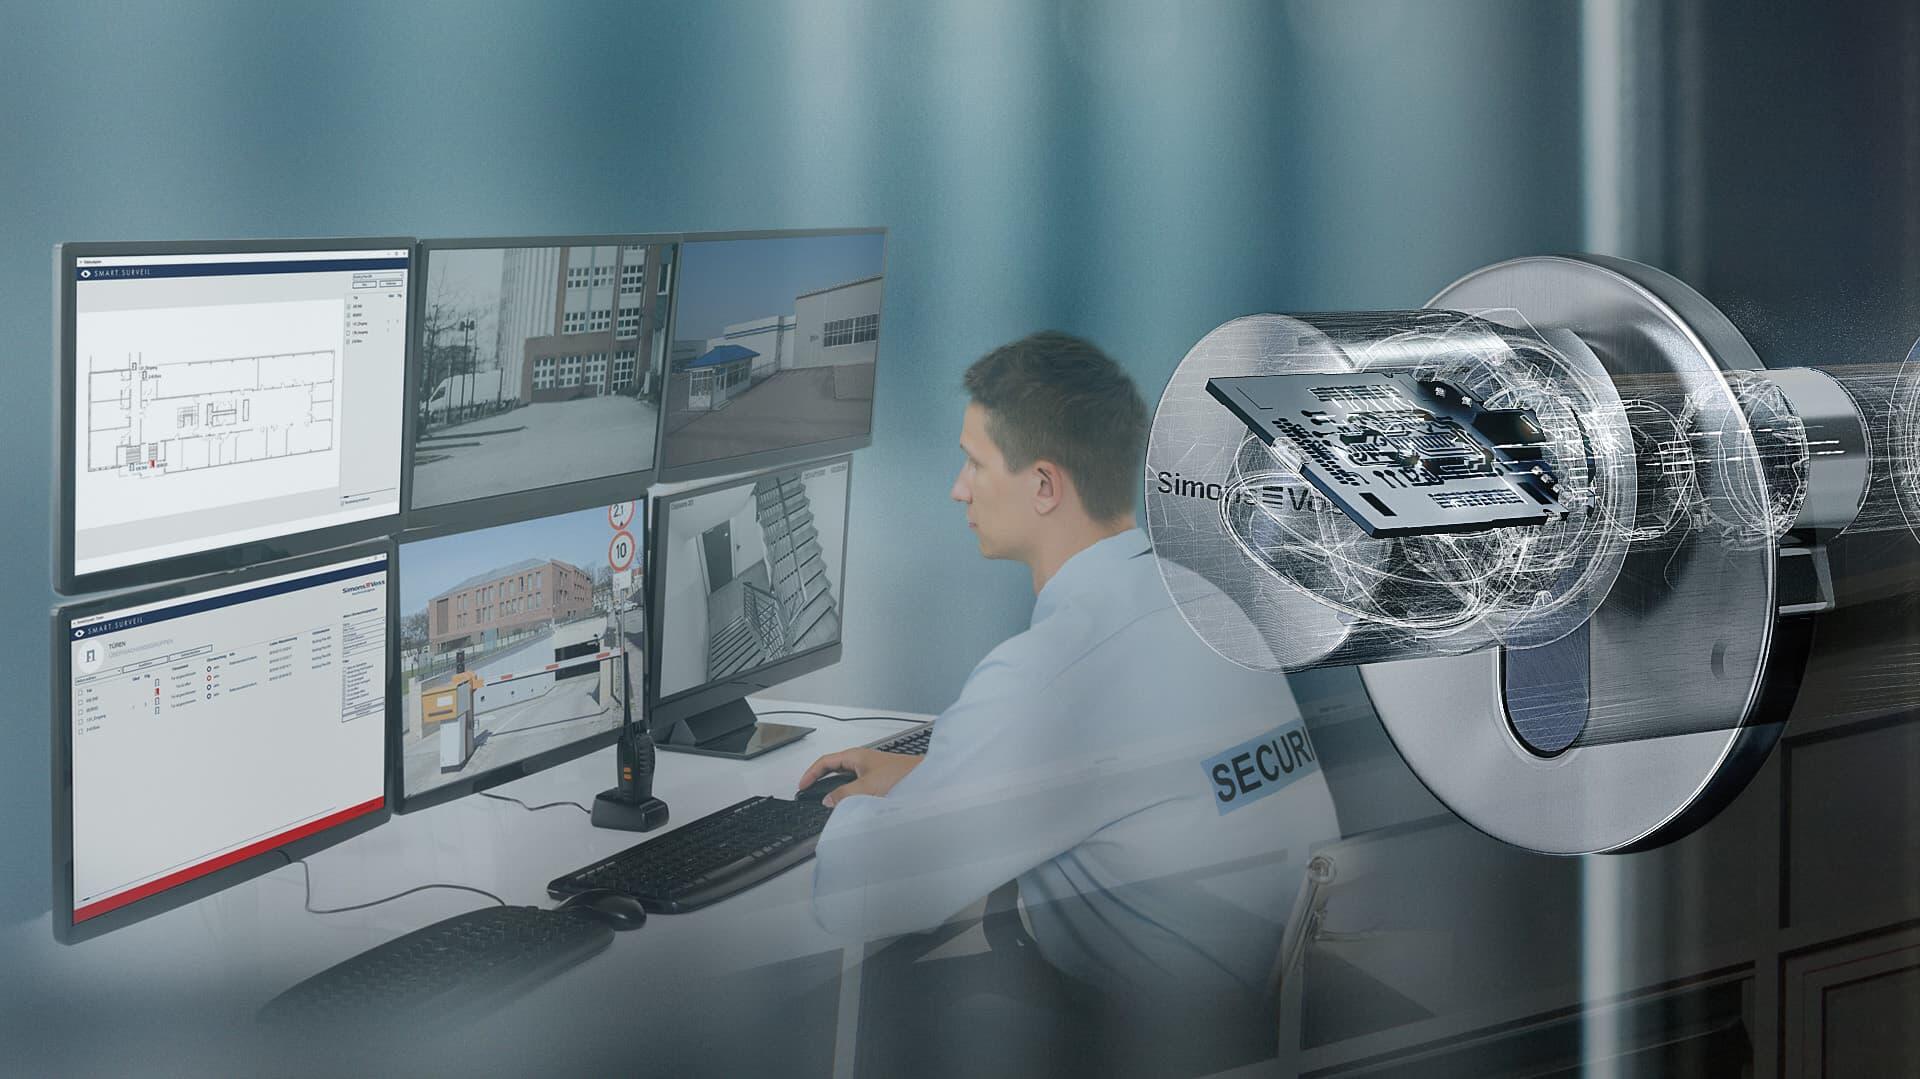 Objektüberwachung von Facility Manager über mehrere Monitore